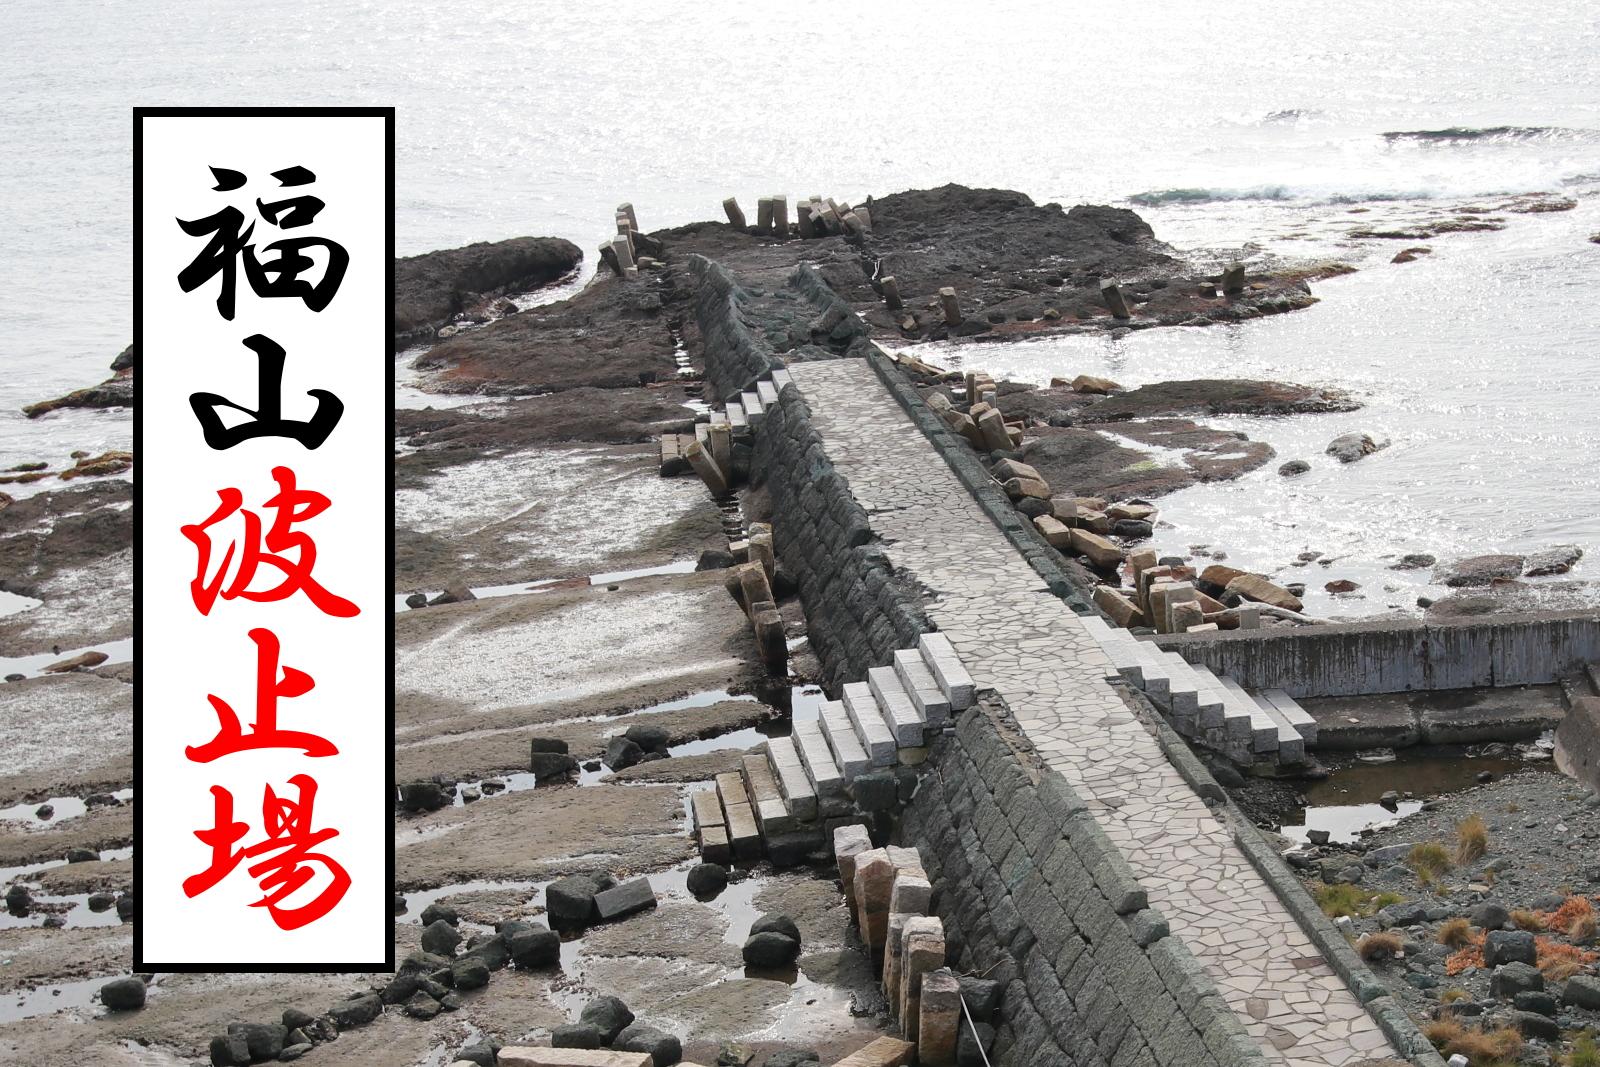 道の駅北前船松前の海岸にある石積みの遺構は何なのか?福山波止場の話